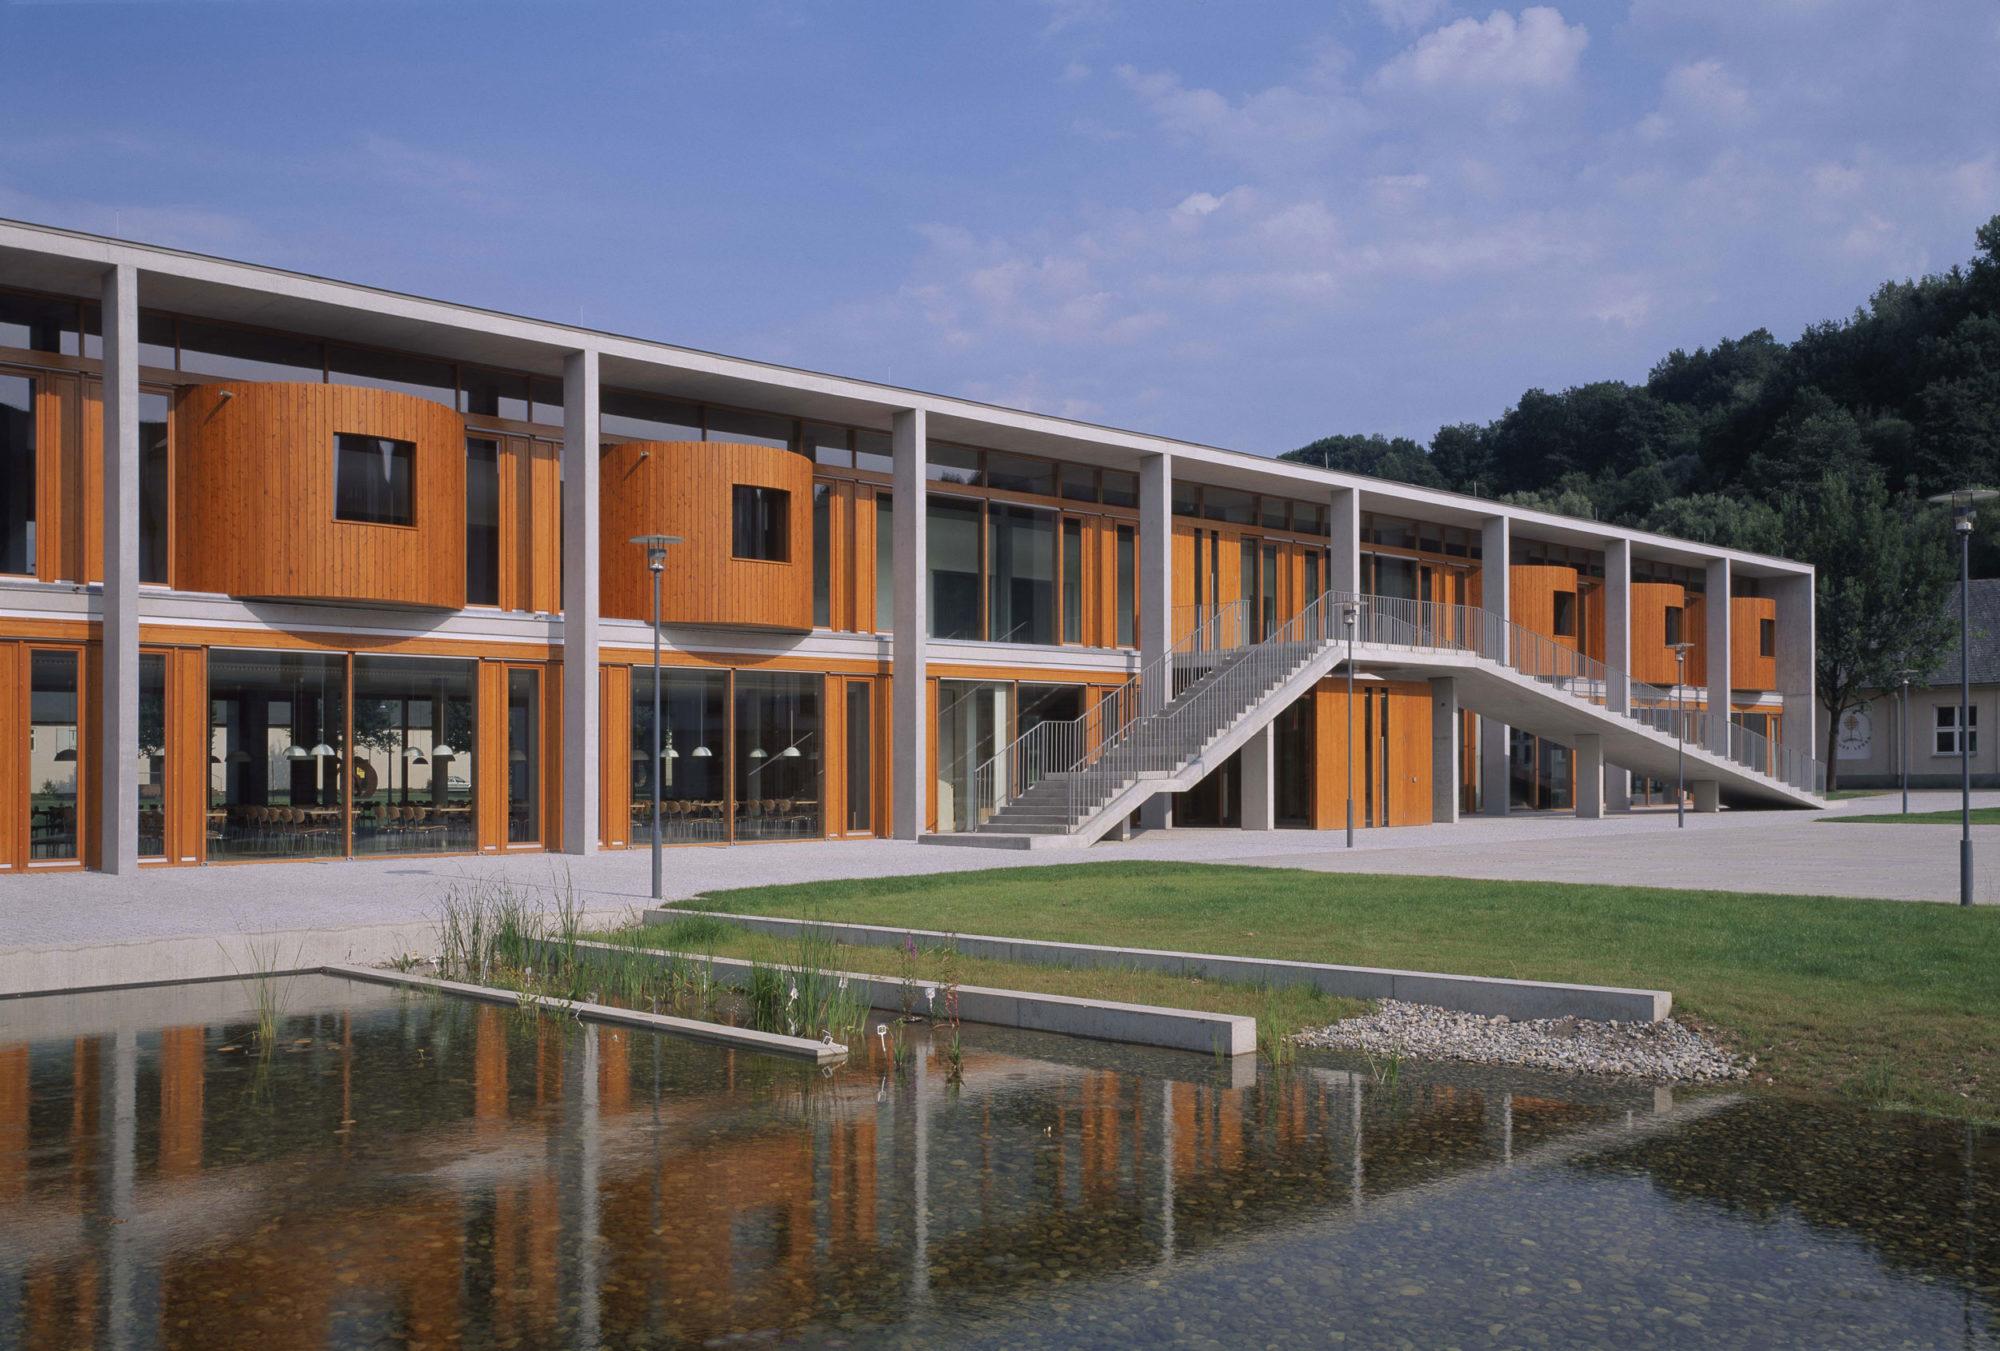 Schule Hochbegabtengymnasium Schwäbisch Gmünd 2